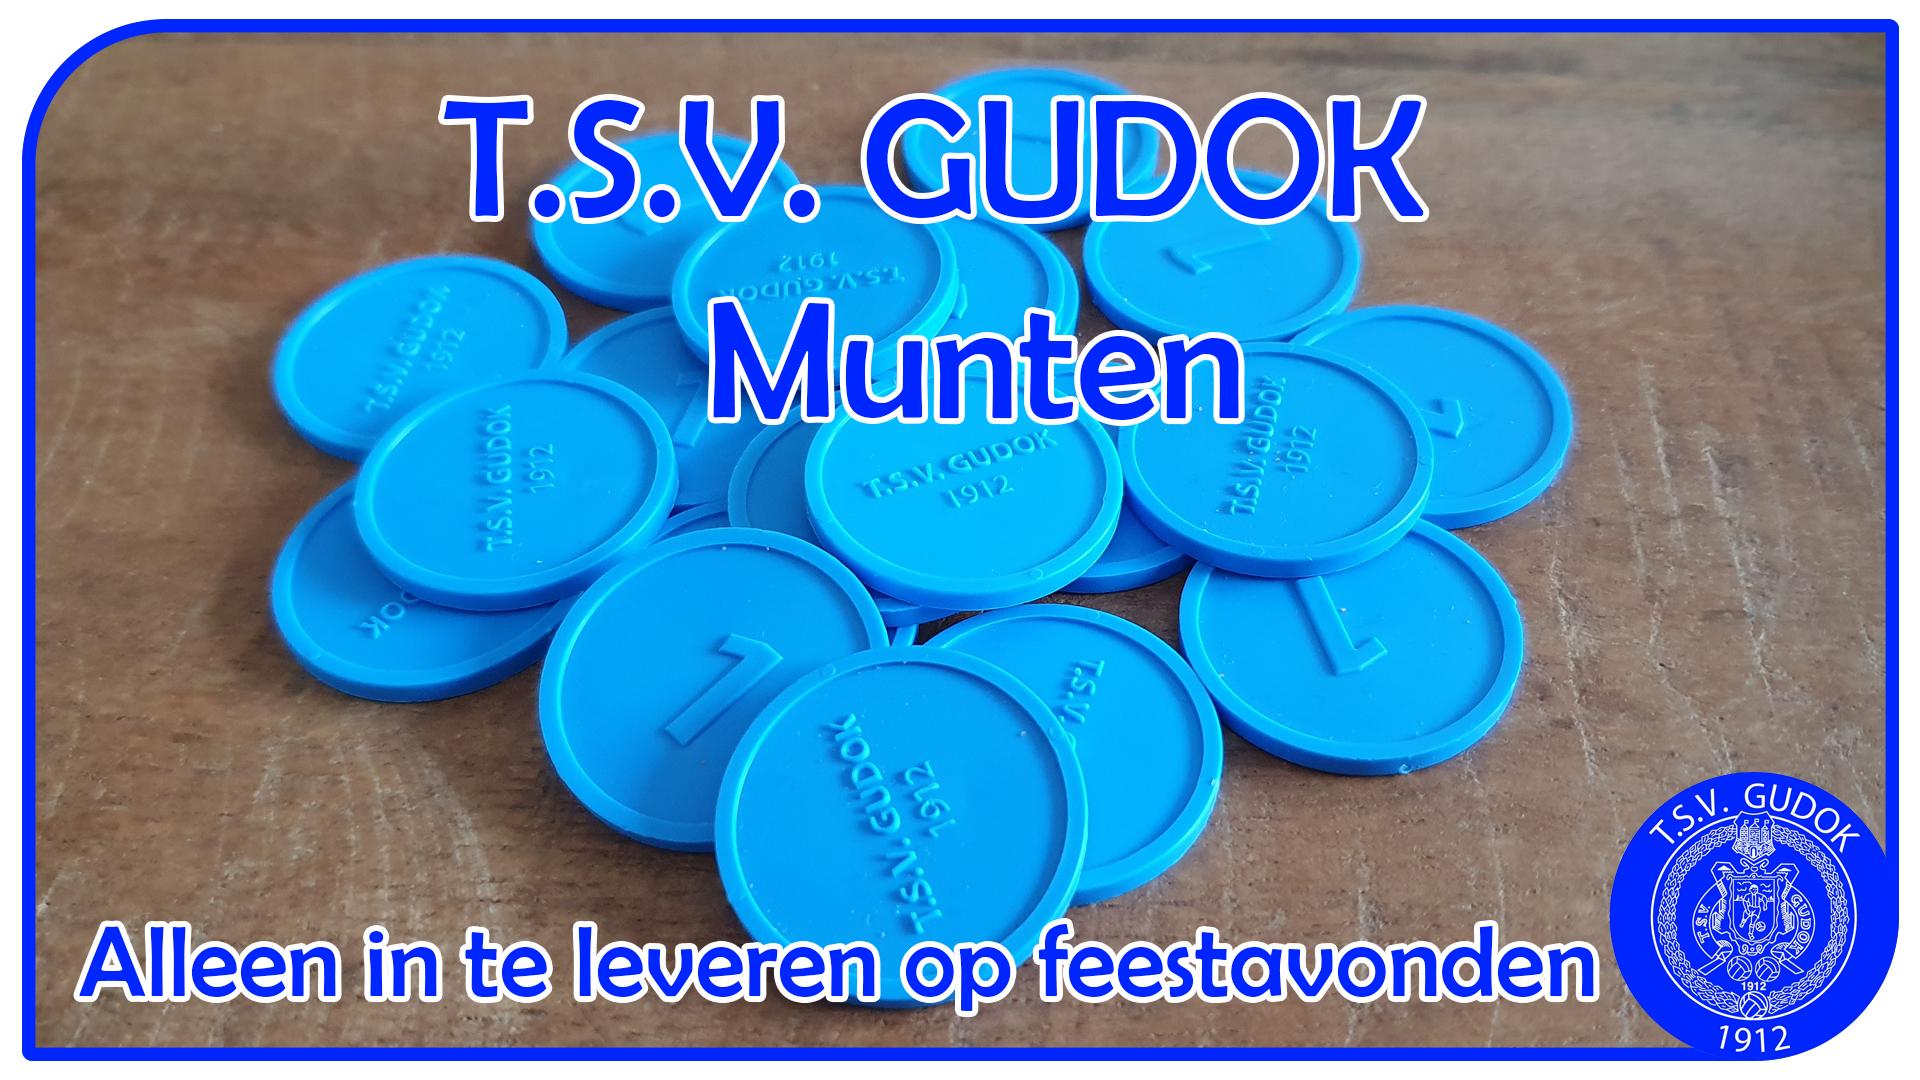 T.S.V. GUDOK Munten